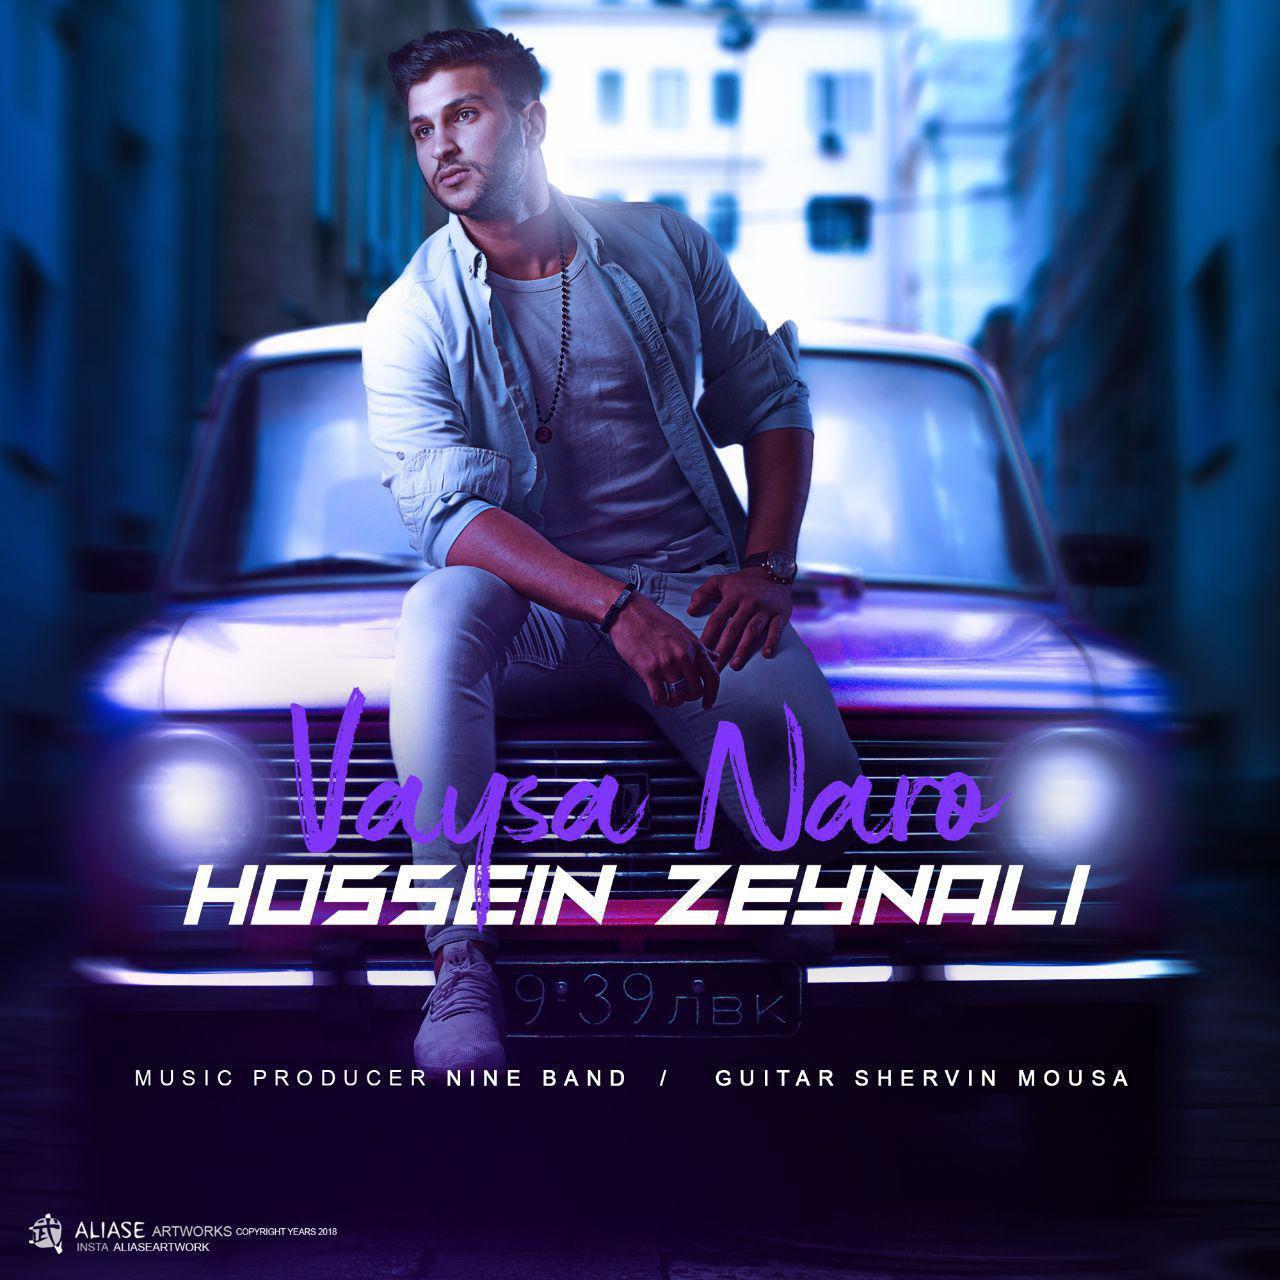 Hossein Zeynali – Vaysa Naro